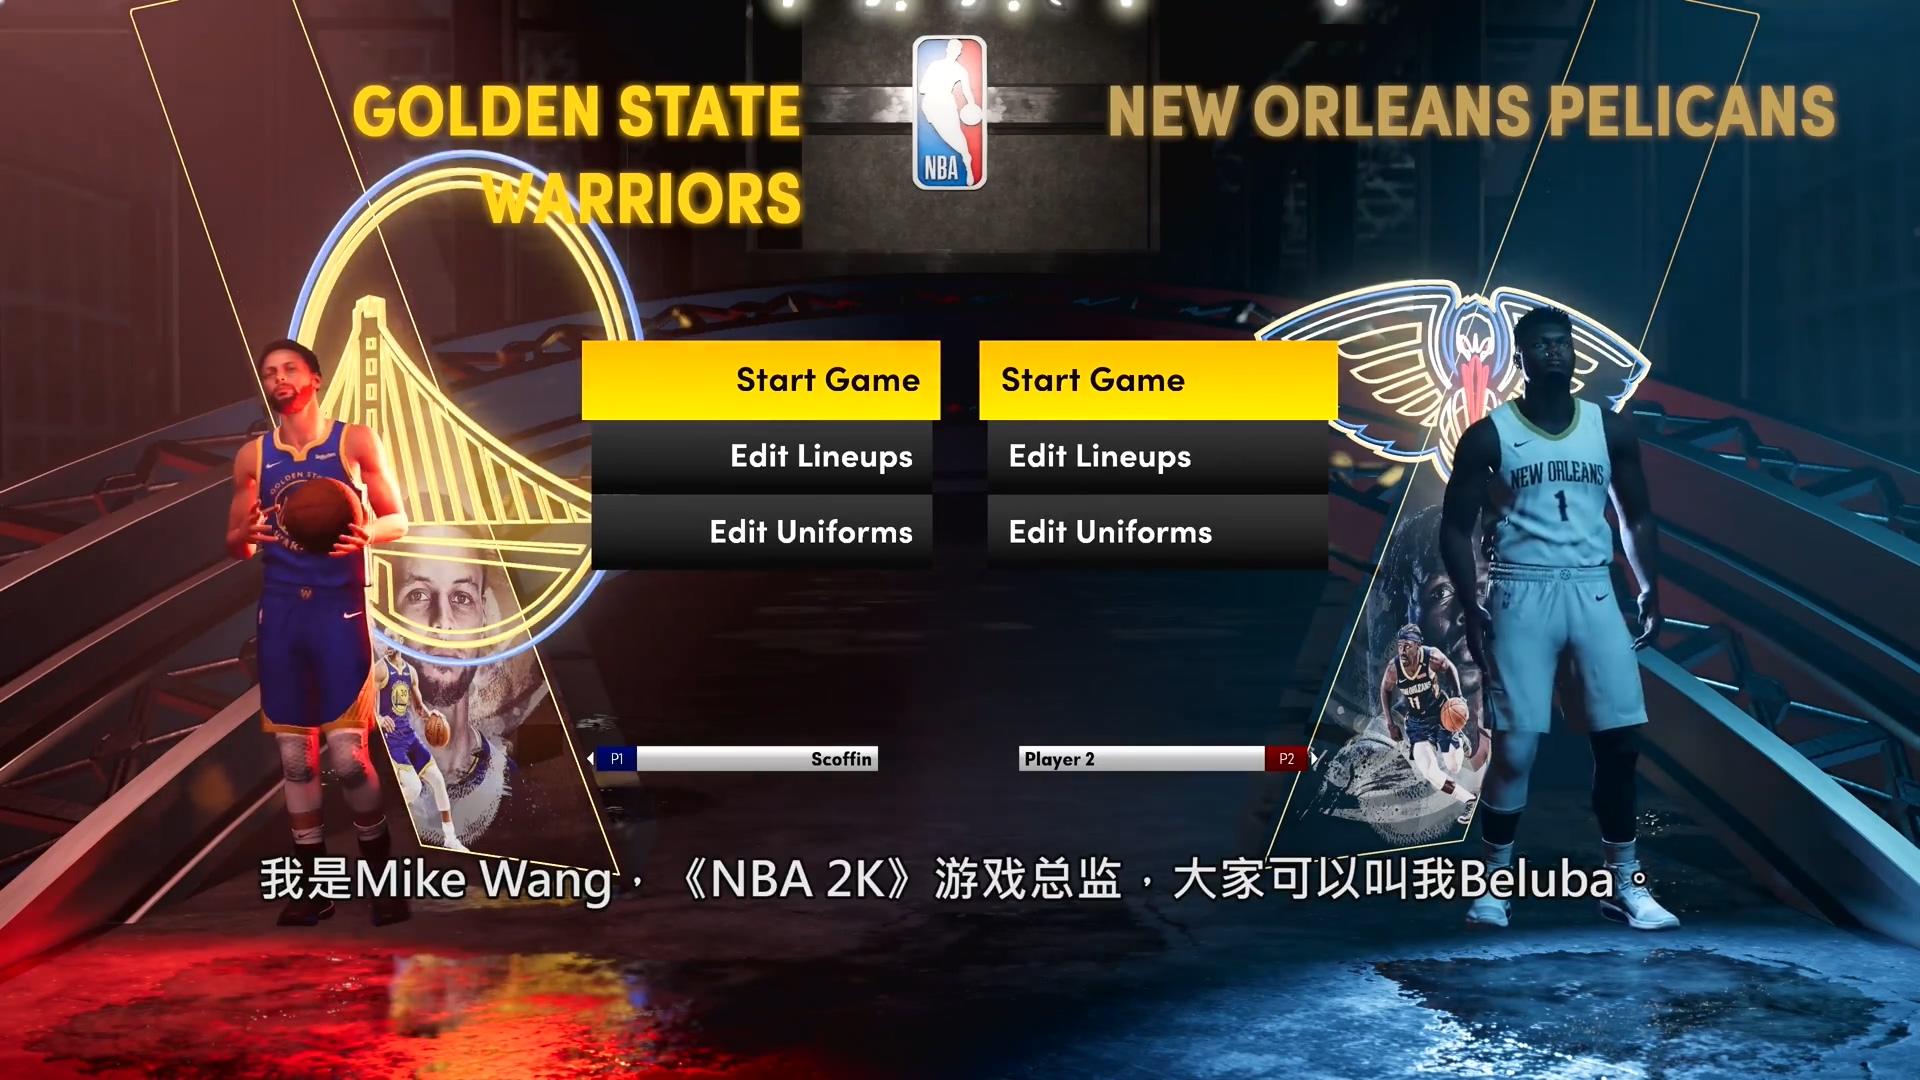 次世代版《NBA 2K21》实机画面公开 闪电般的加载